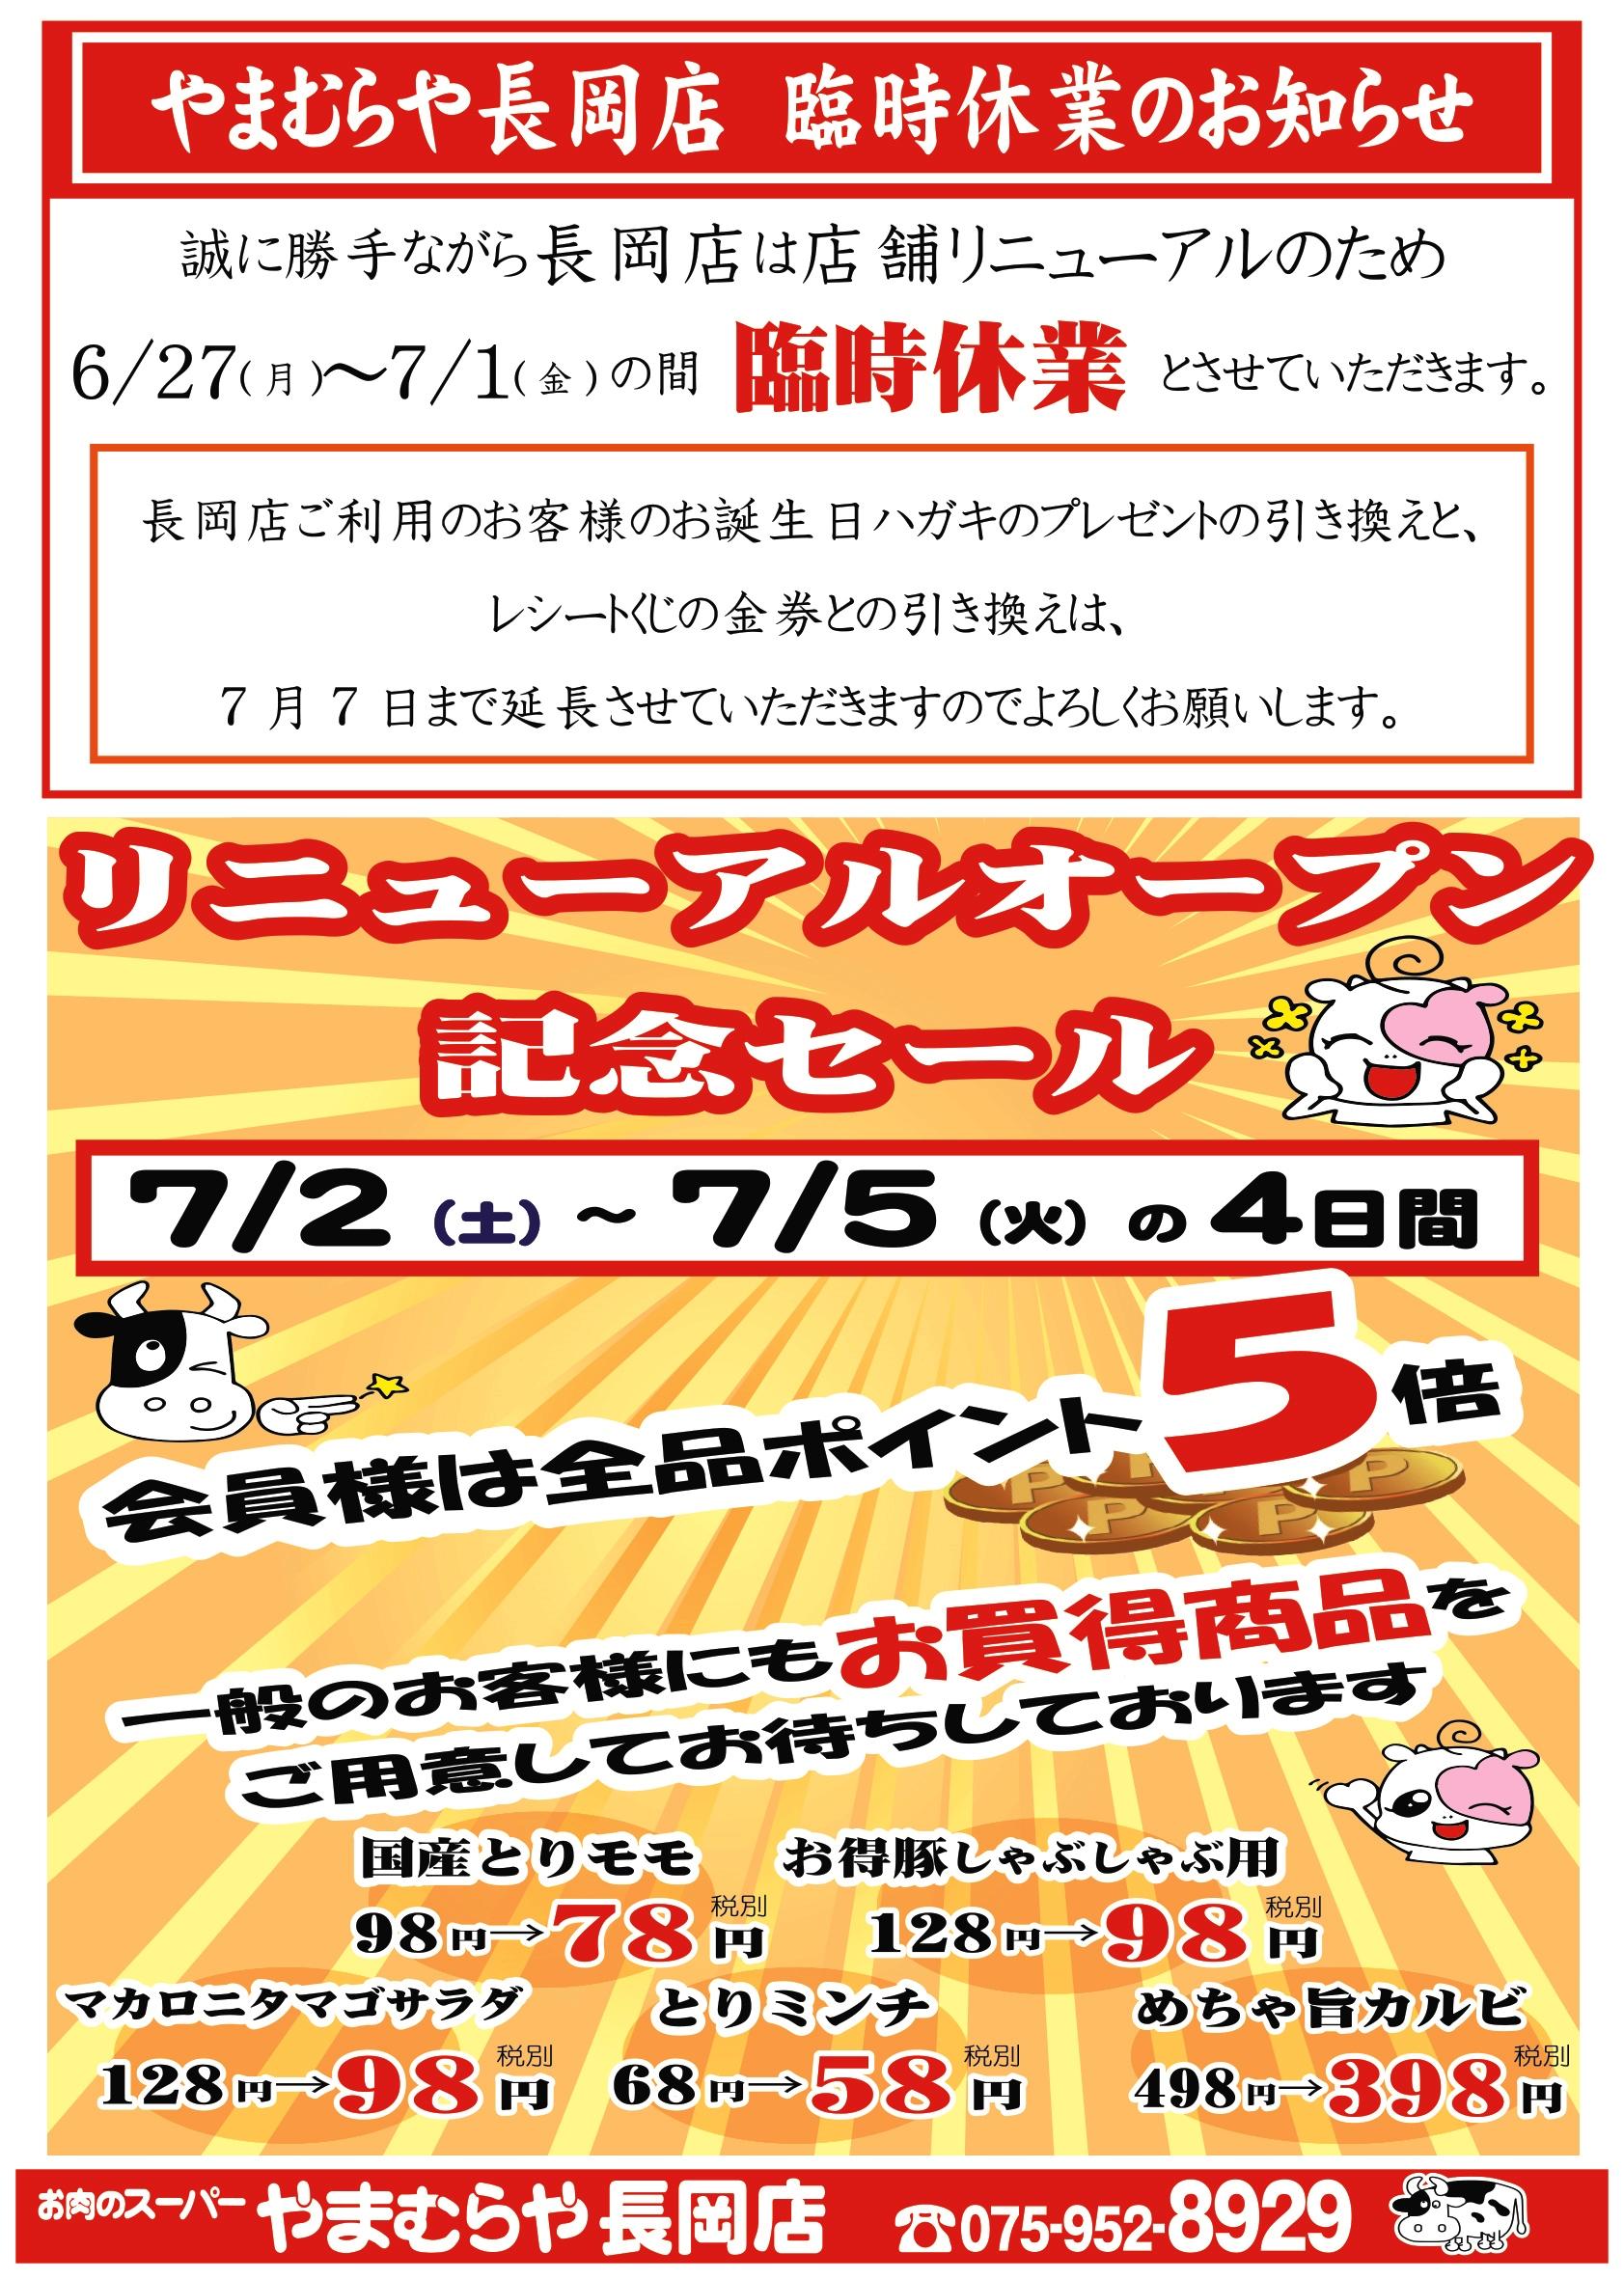 長岡店、リニューアルのため6月27日〜7月1日 休業します